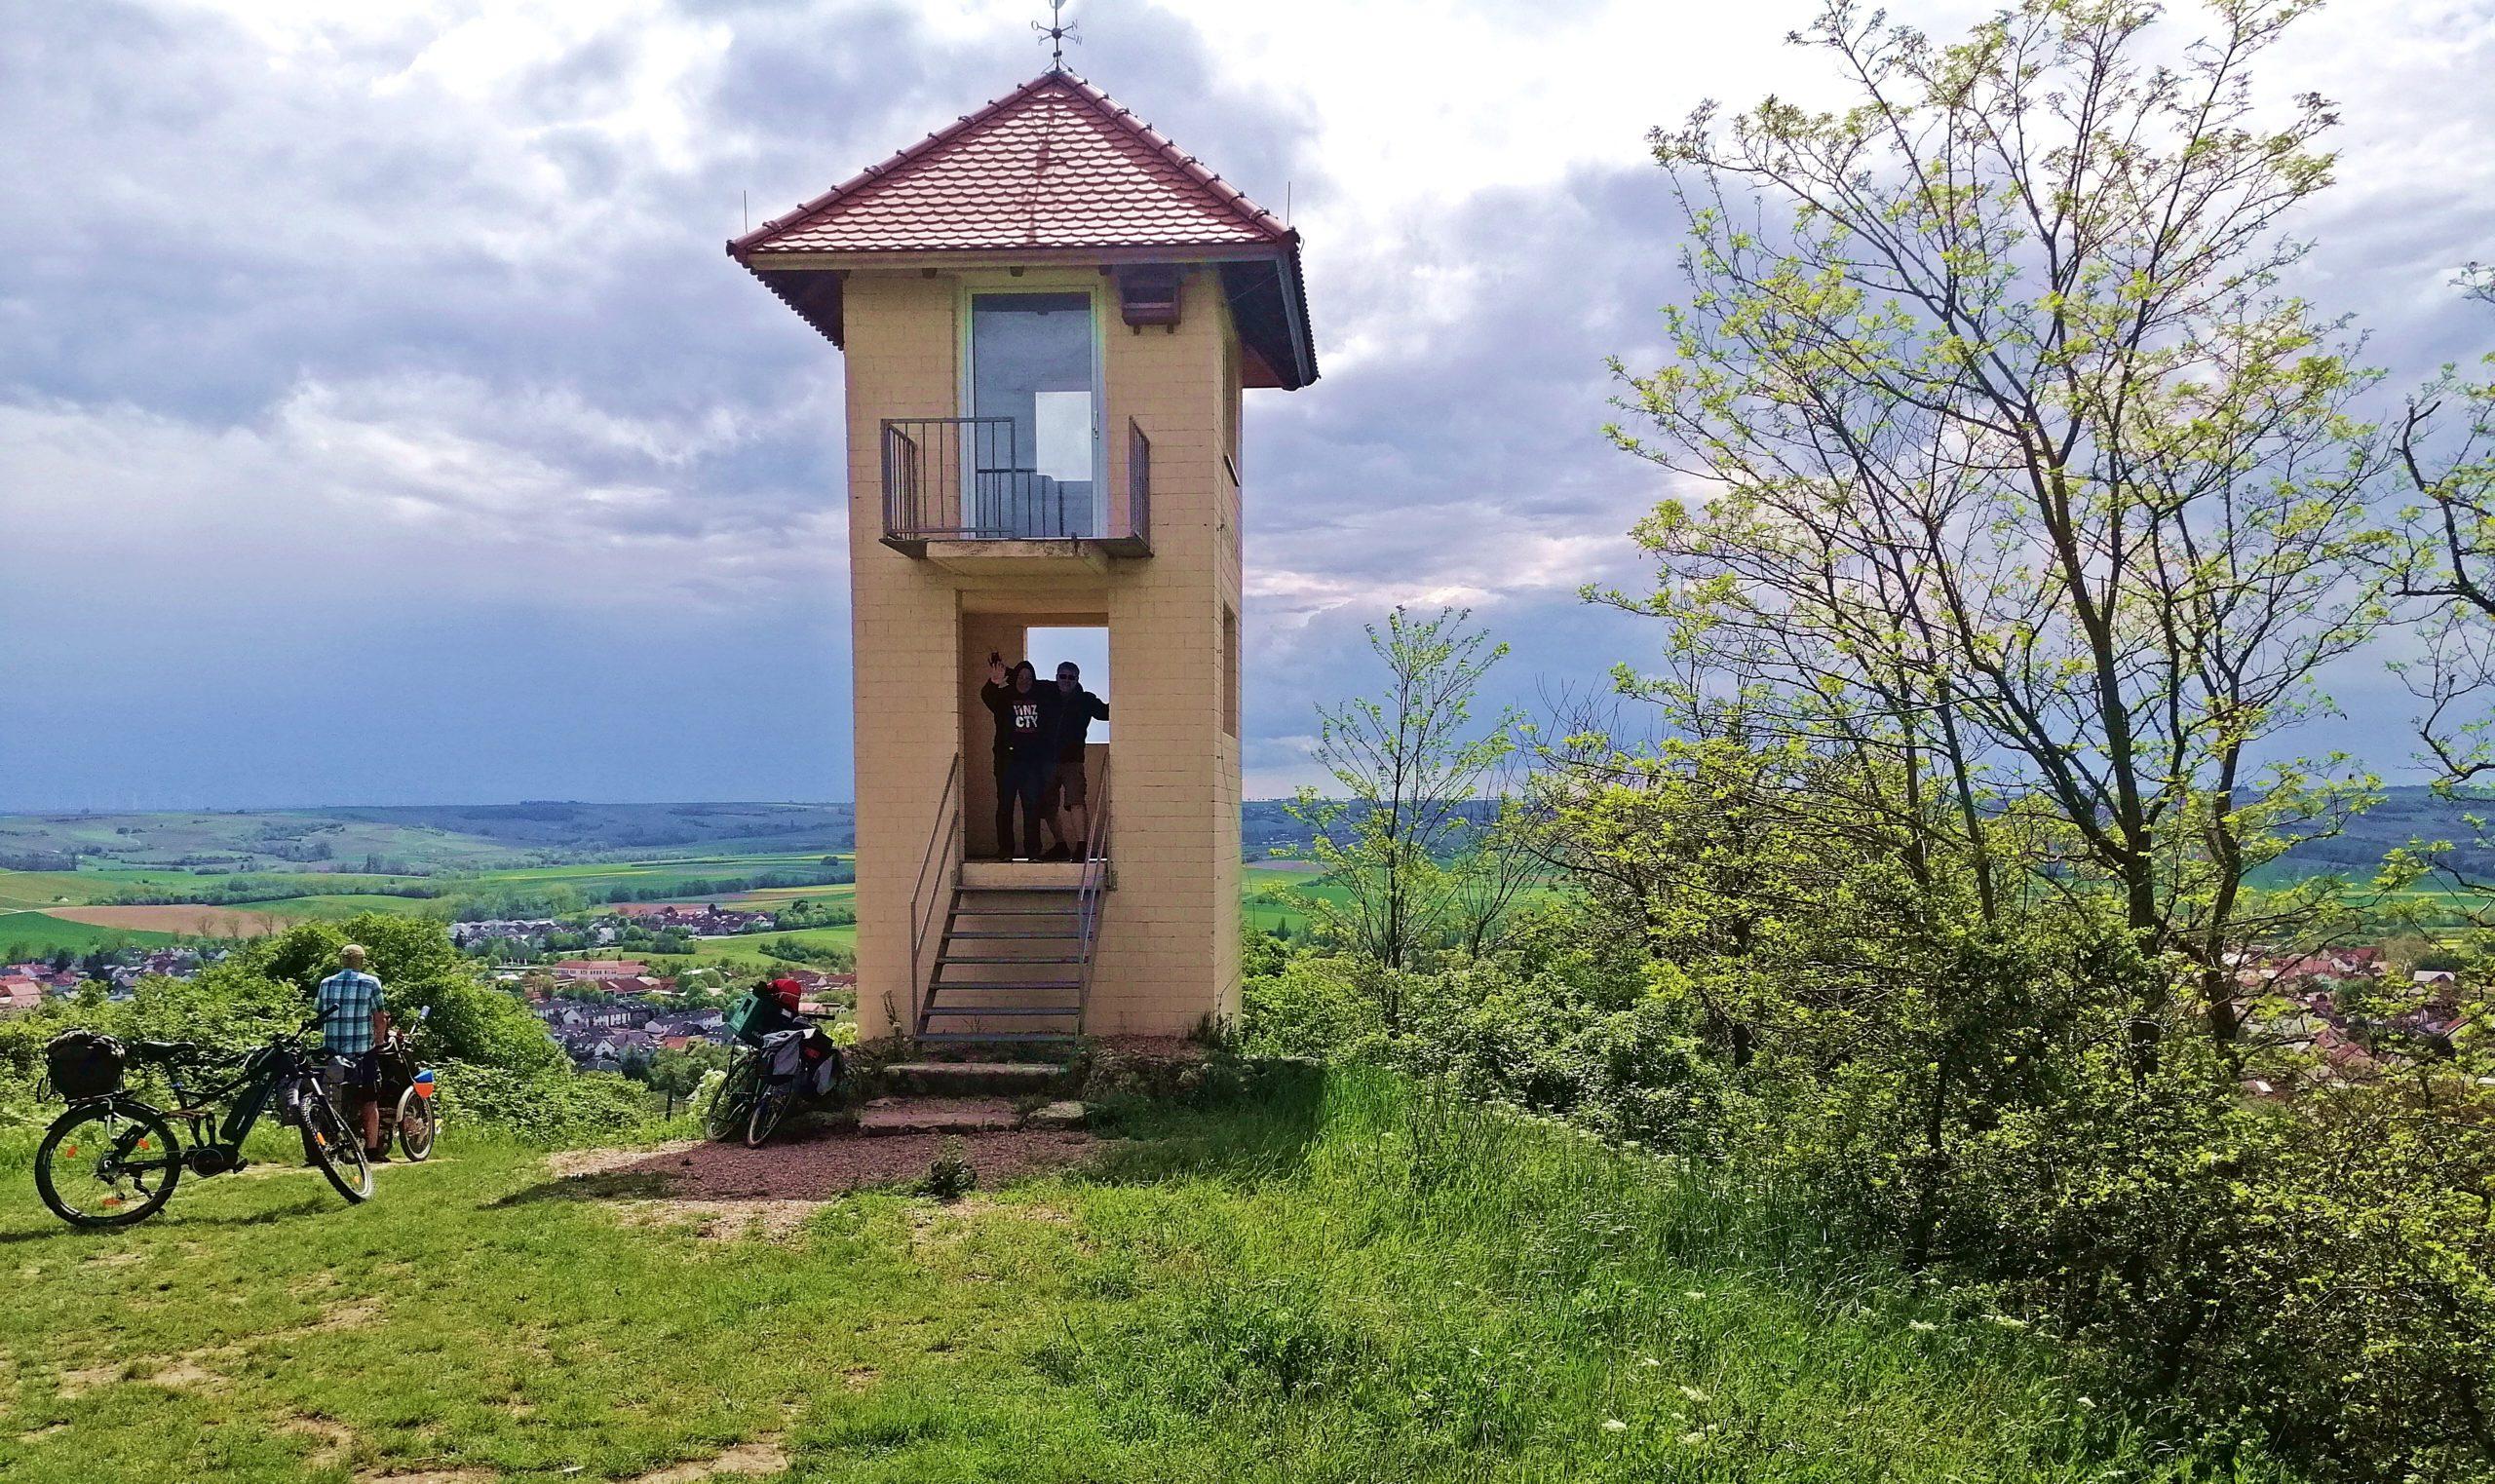 Aussichtsturm Rheinhessen